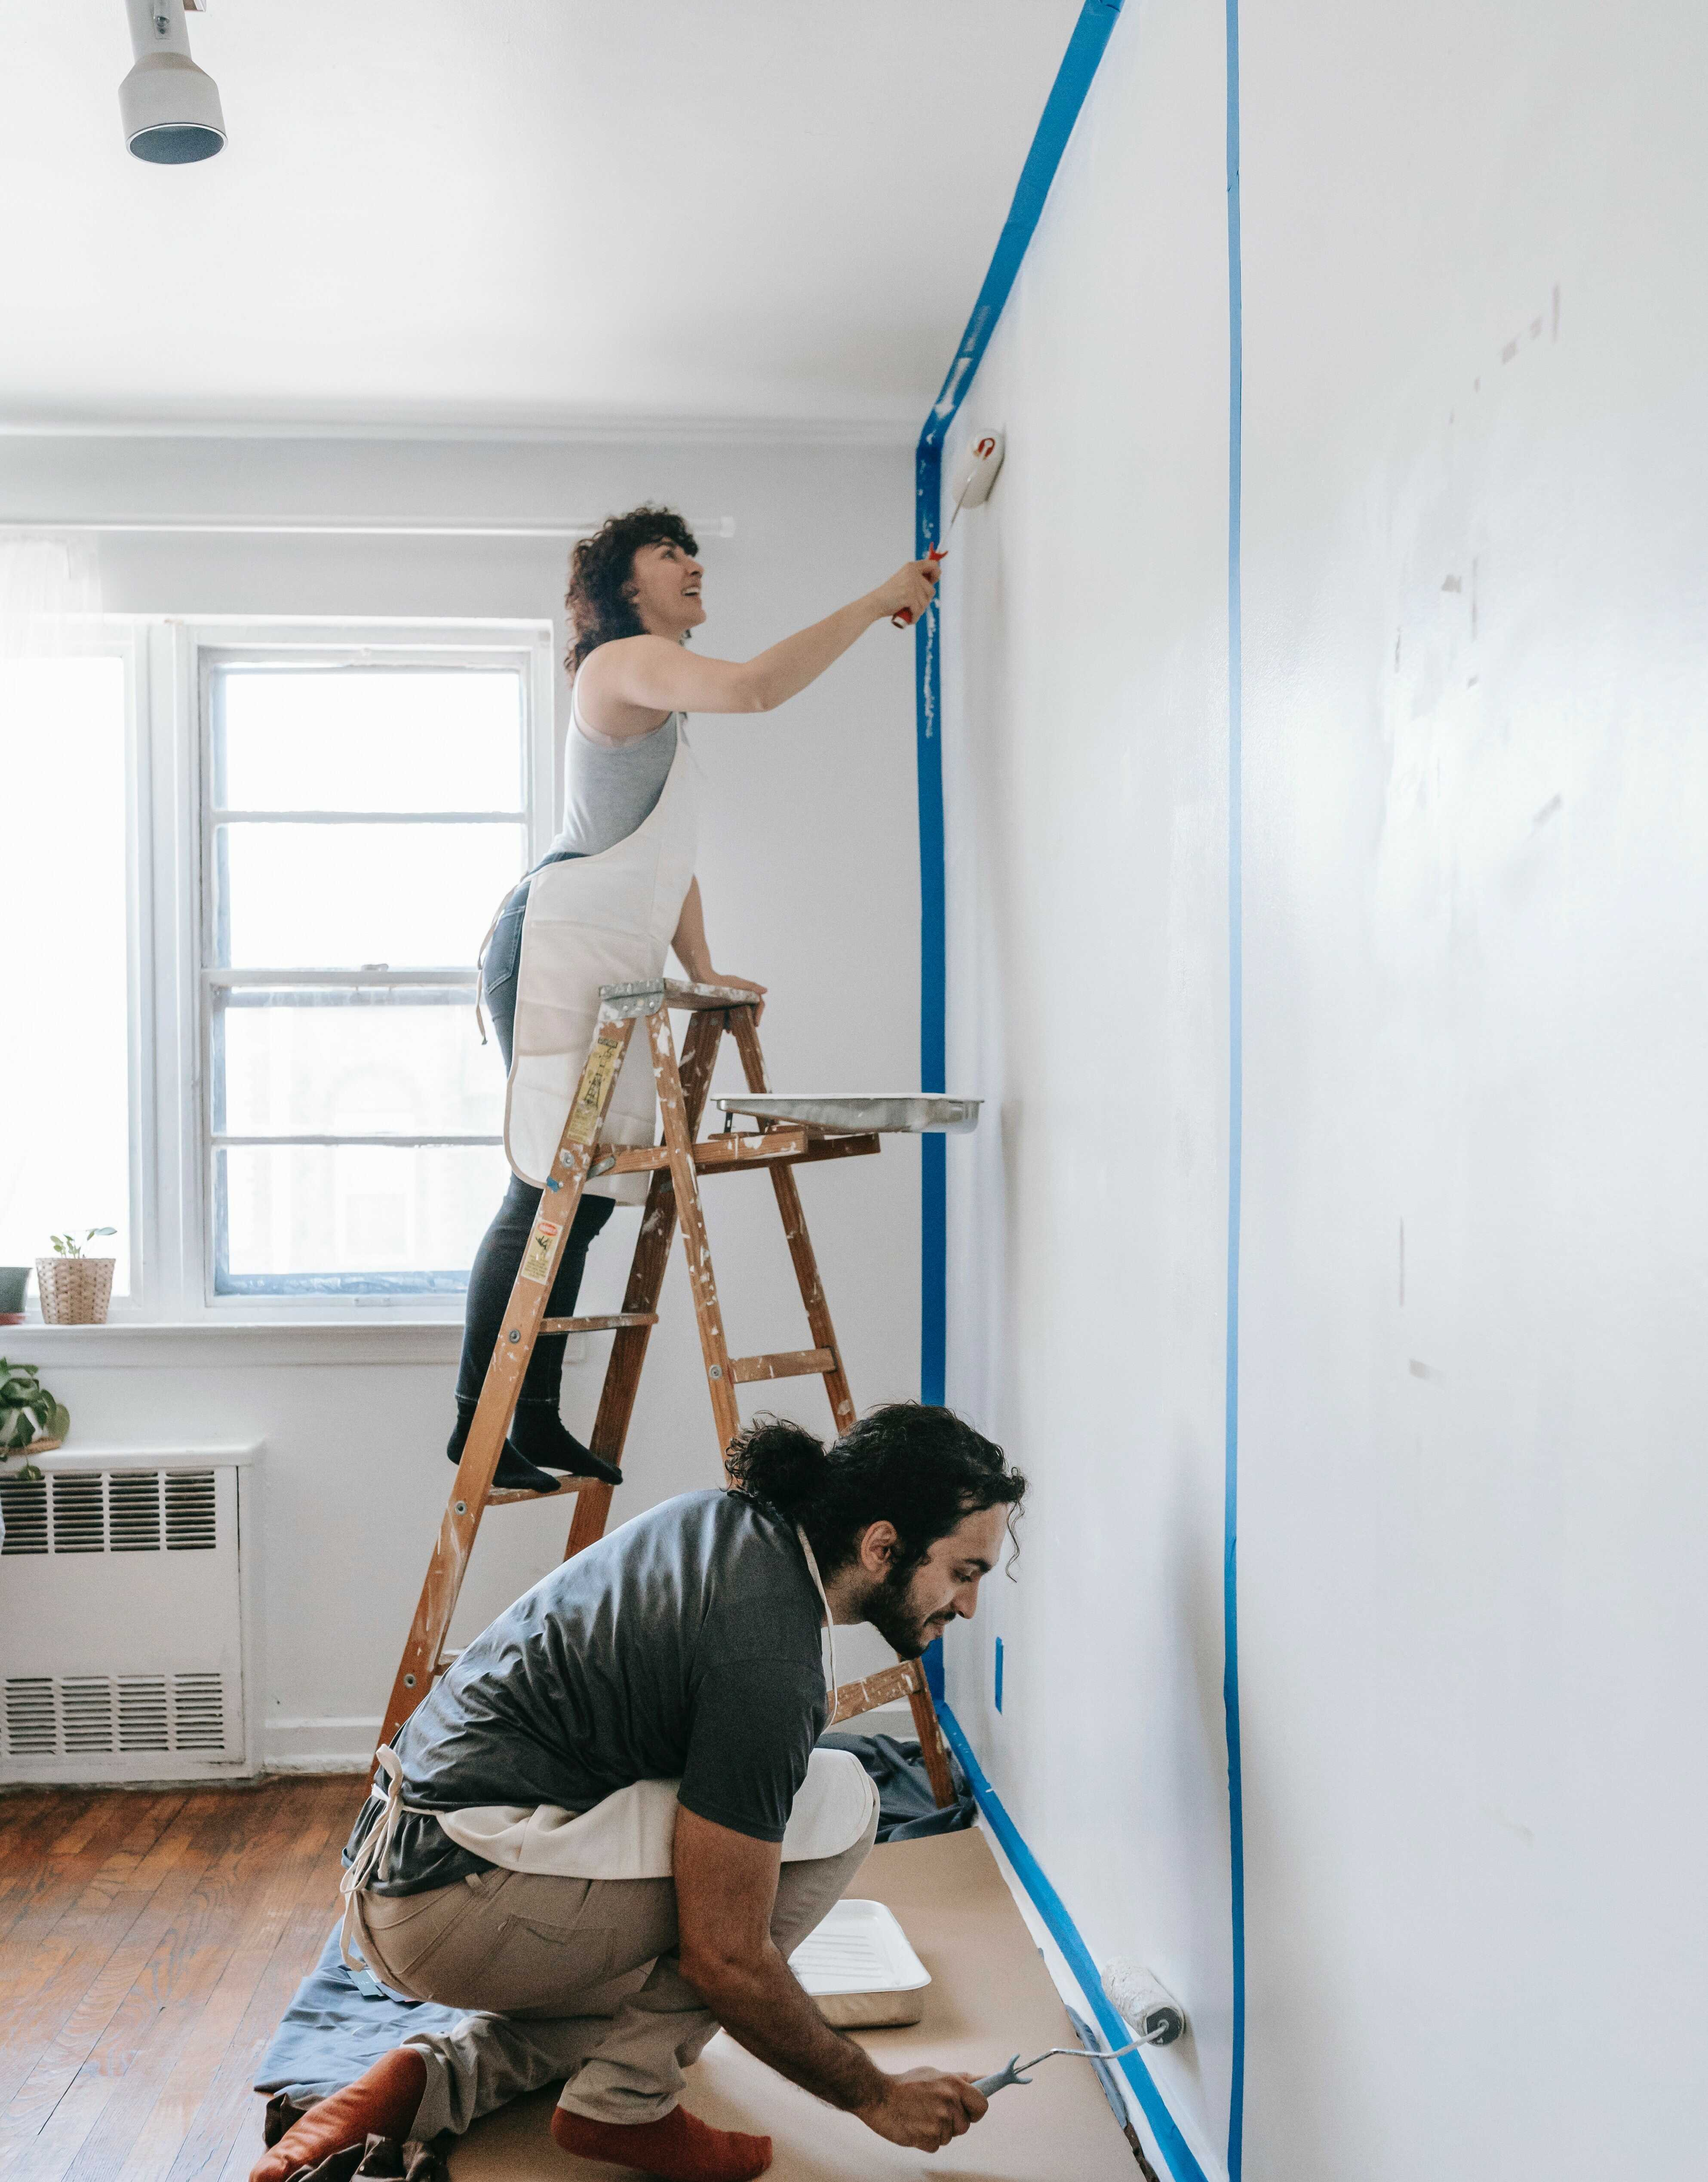 Als huiseigenaar wil je goed voor je huis zorgen met het huisdossier